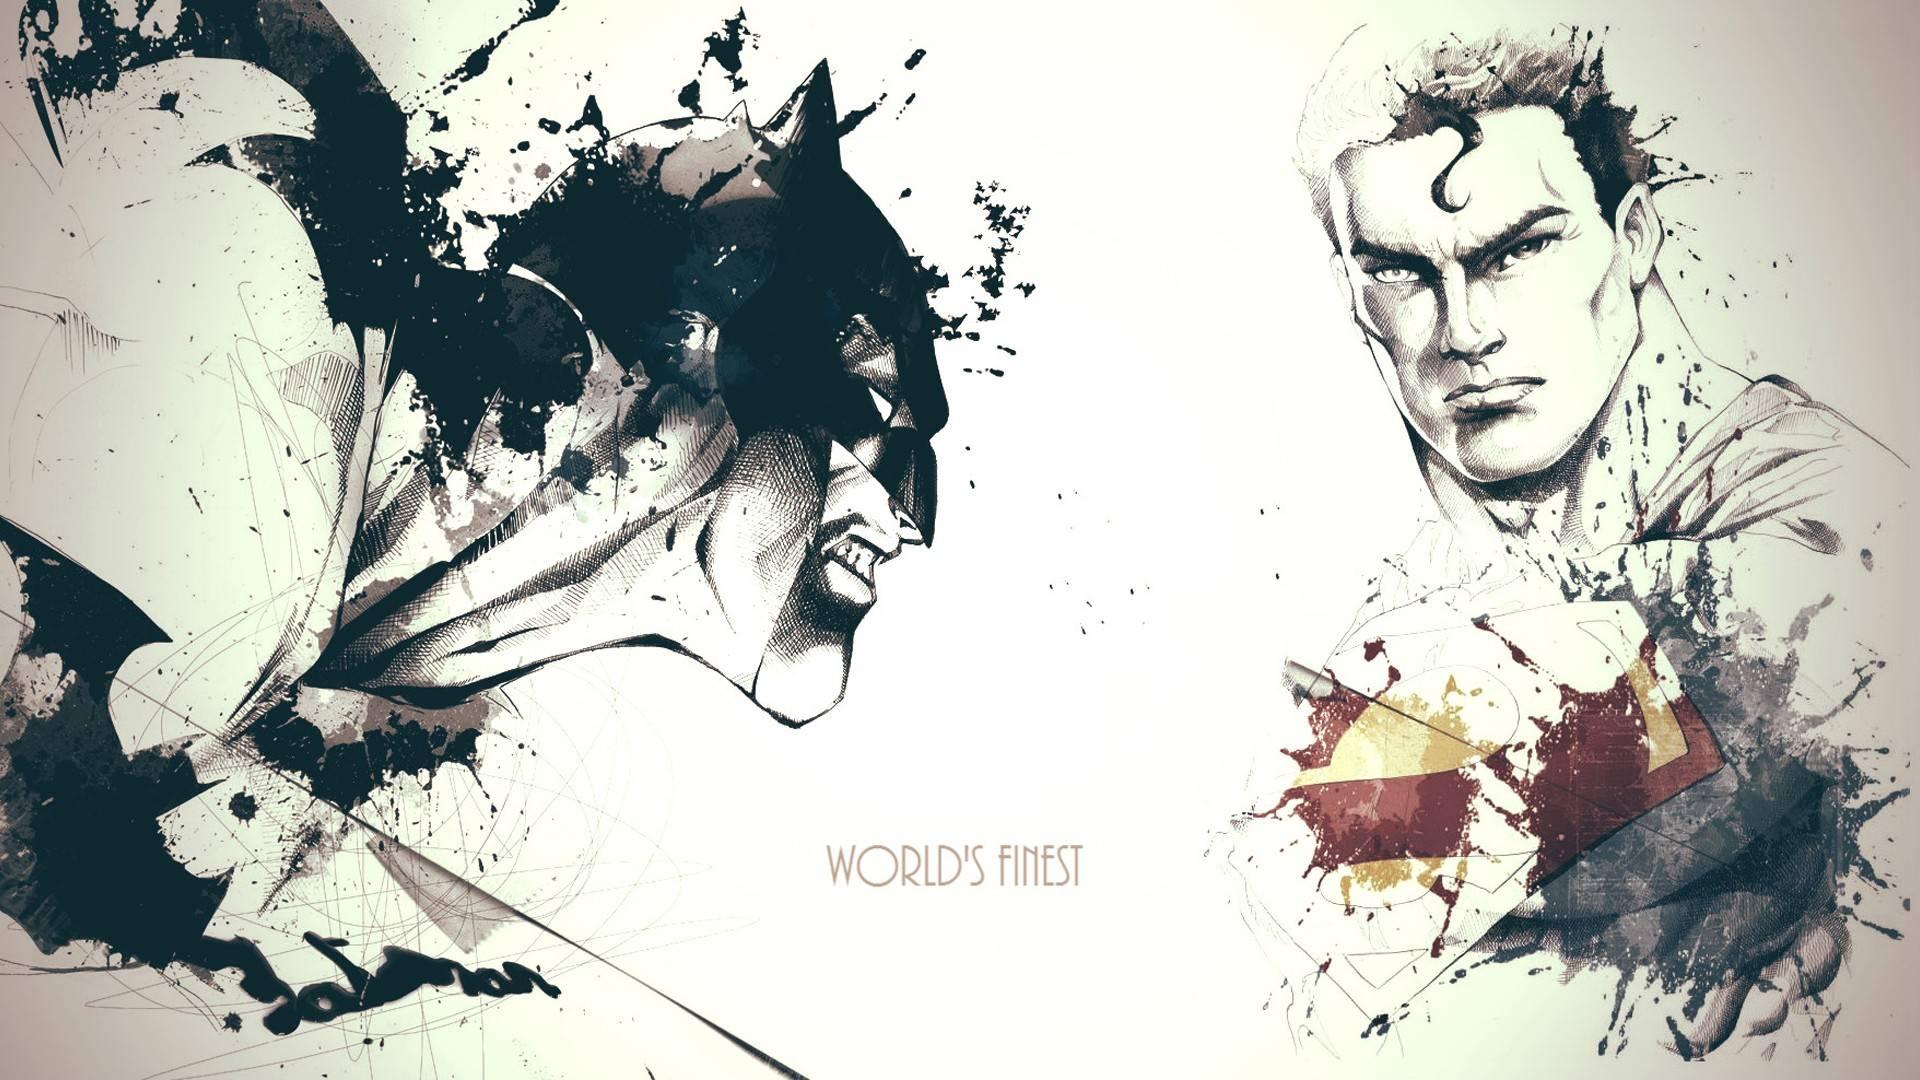 Batman-Vs-Superman-HD-BatmanVsSupermanHD-BatmanVsSuperman-superheroes-wa-wallpaper-wpc5802536